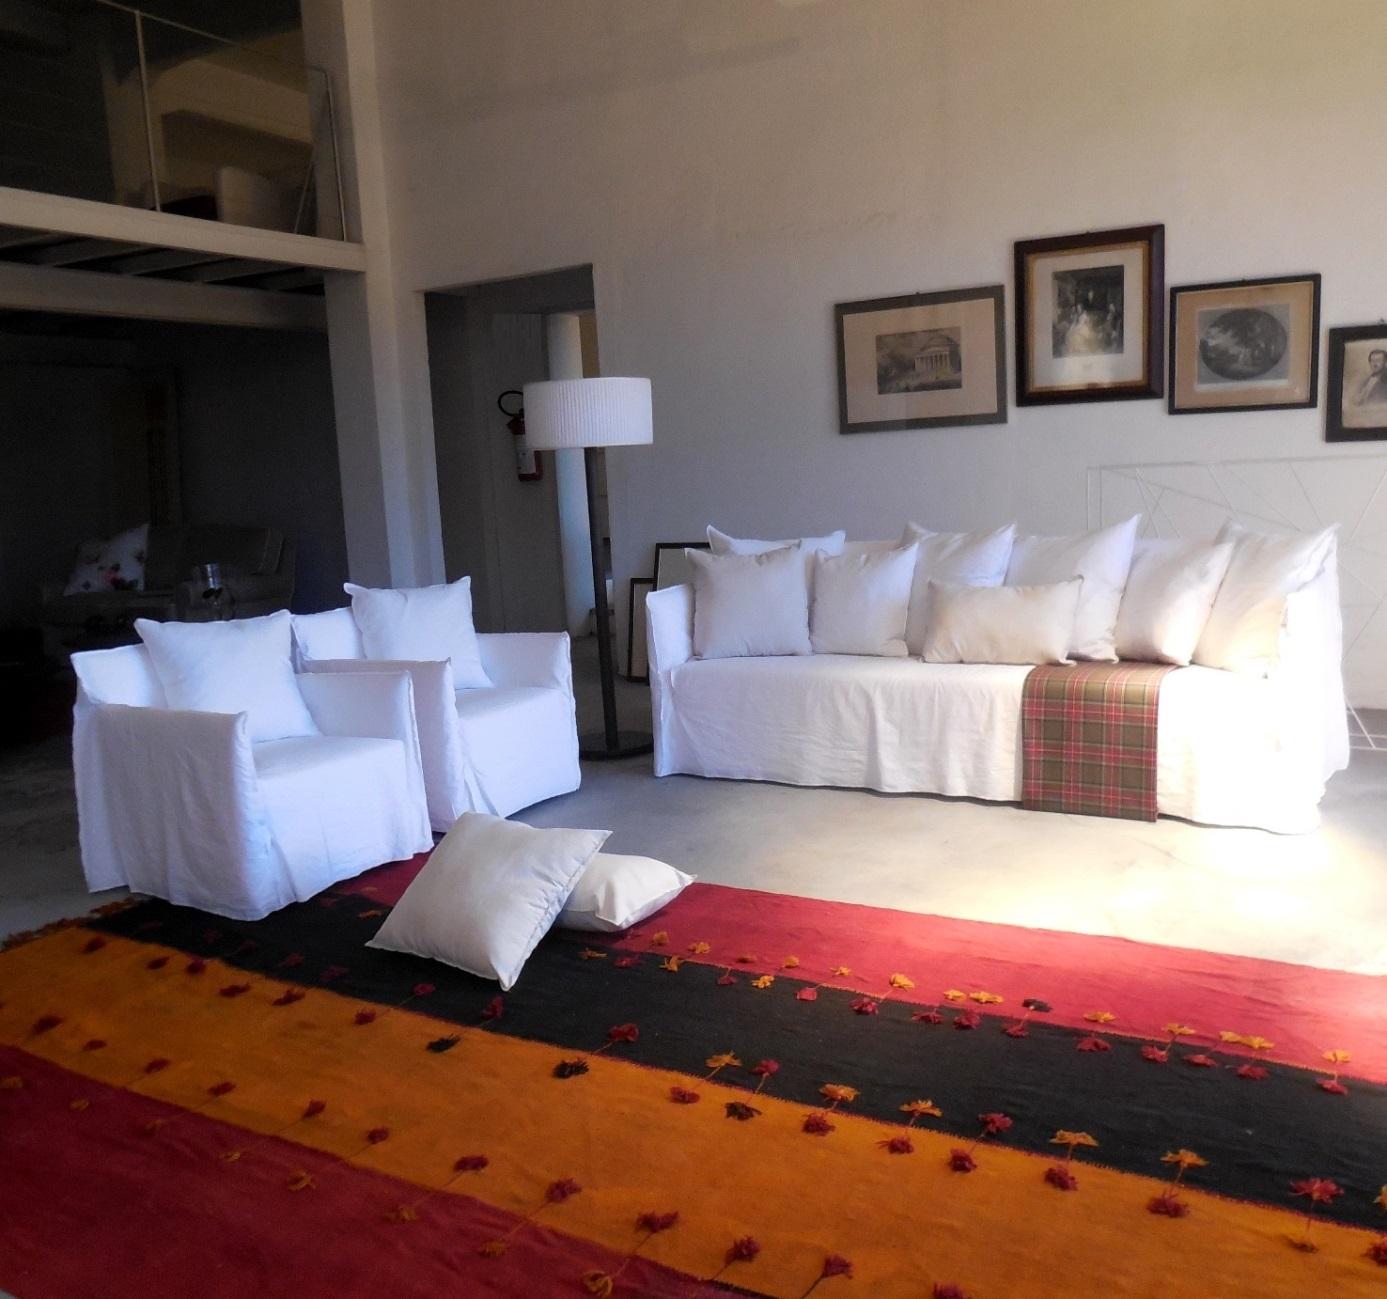 Gervasoni divano ghost divano e due poltrone design p - Poltrone design prezzi ...